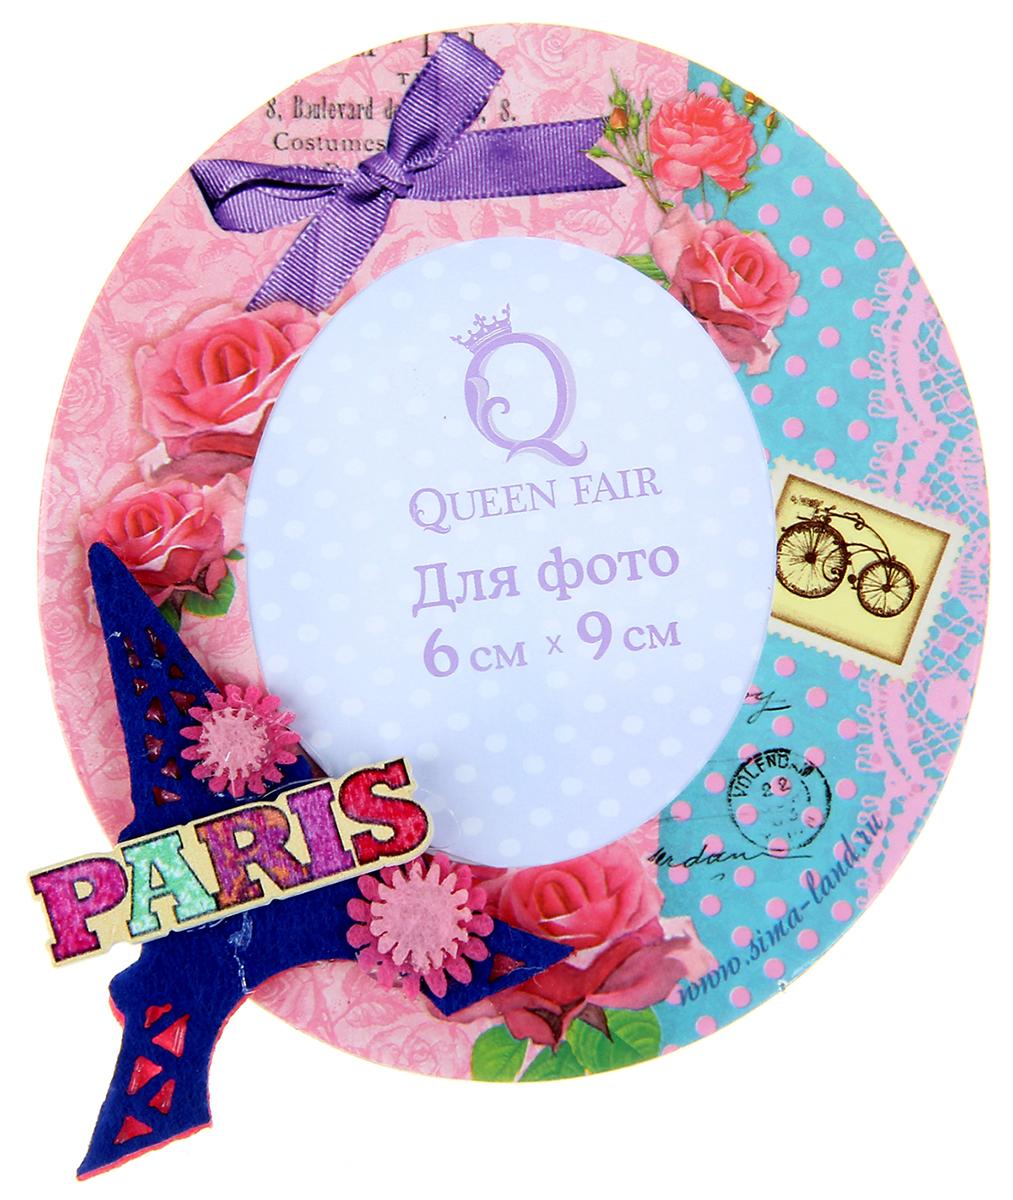 """Фоторамка """"Париж"""", 10 х 9 см. 1037947"""